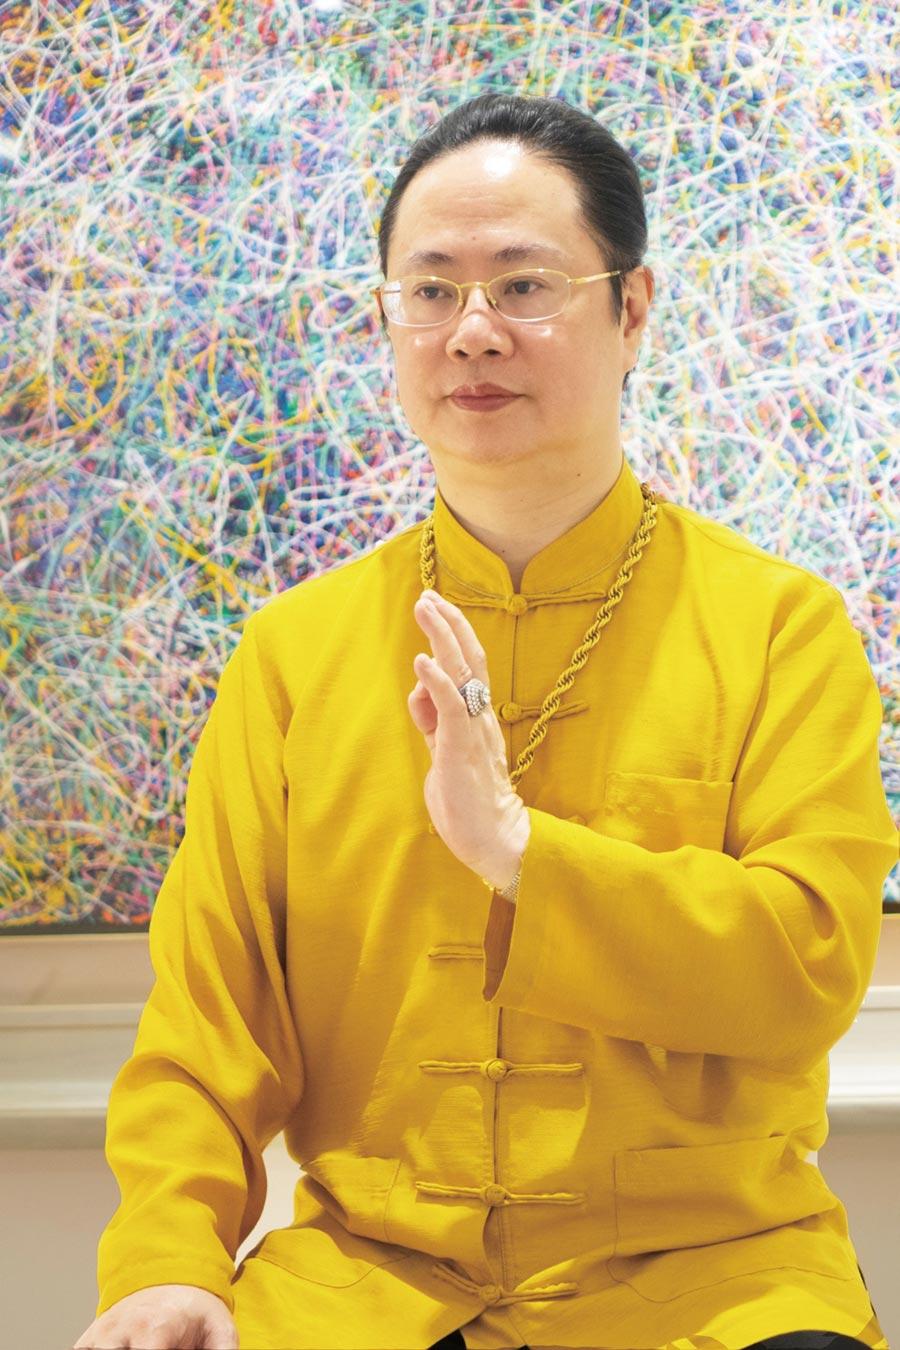 國際藝術大師暨宗教家陳金龍。圖/陳金龍提供